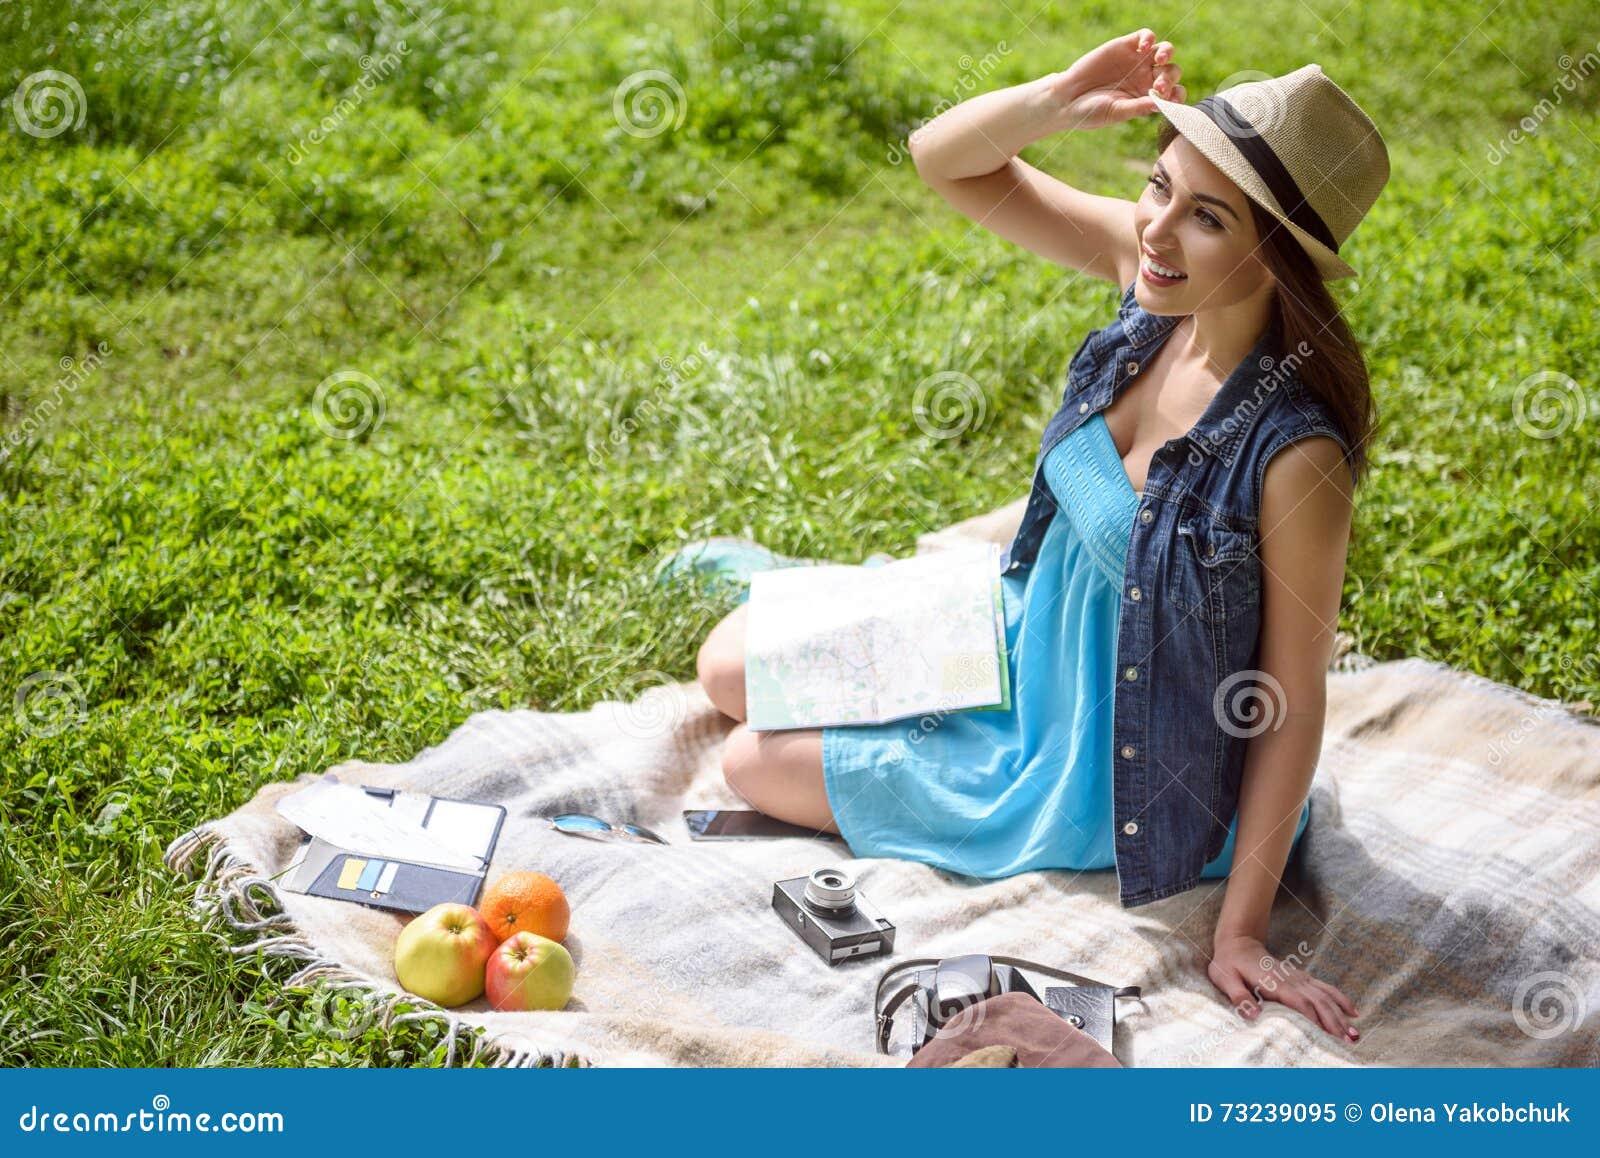 Милая маленькая девочка отдыхает в парке